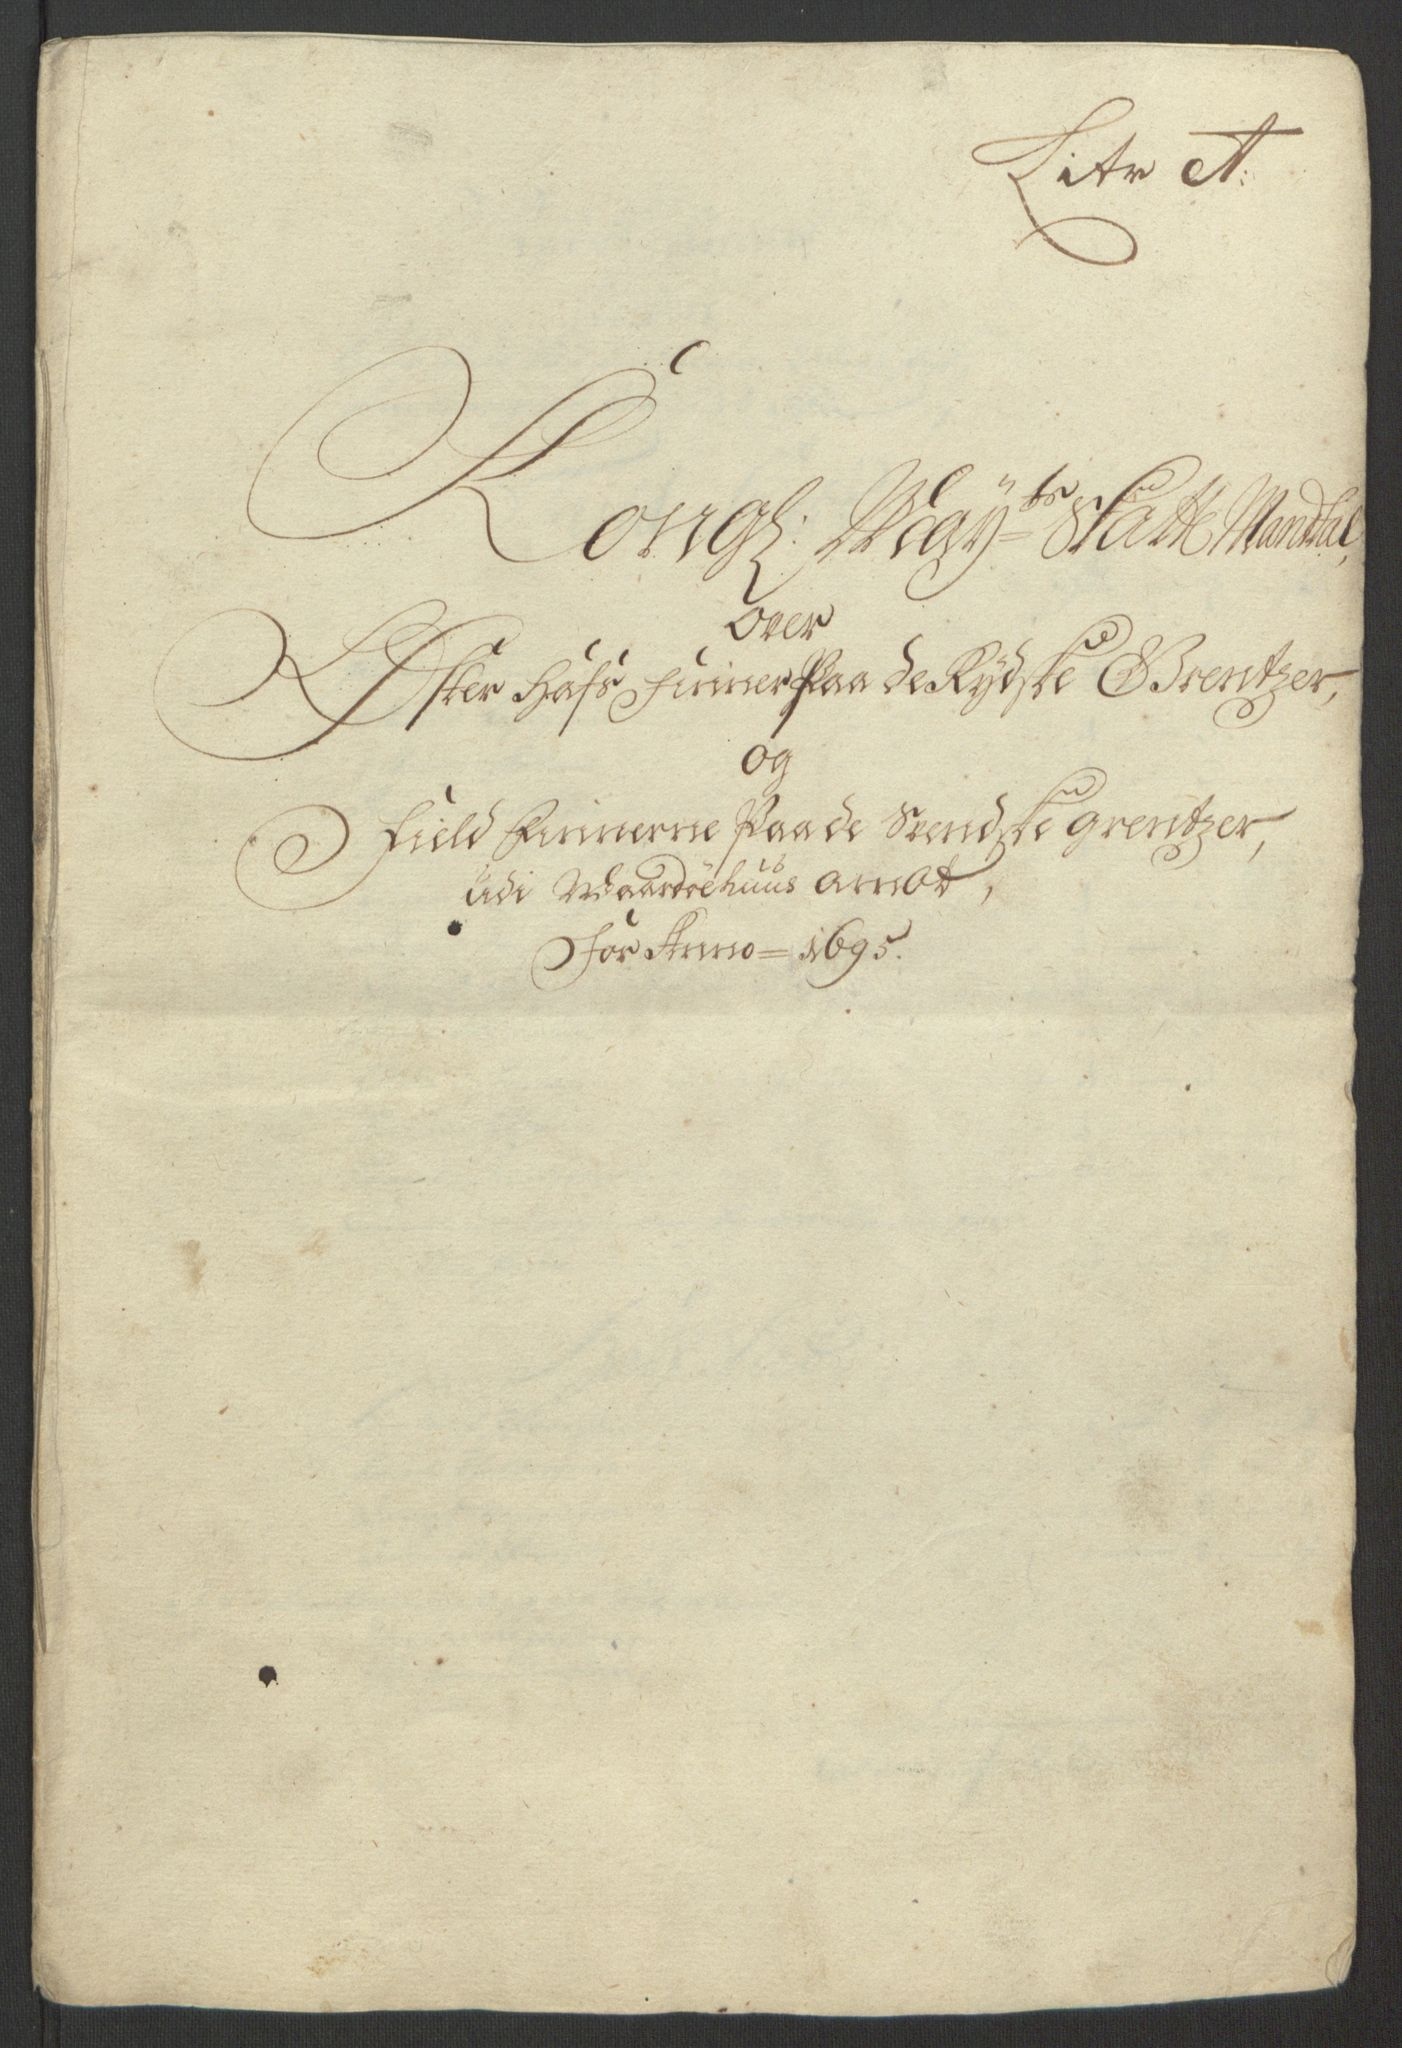 RA, Rentekammeret inntil 1814, Reviderte regnskaper, Fogderegnskap, R69/L4851: Fogderegnskap Finnmark/Vardøhus, 1691-1700, s. 232